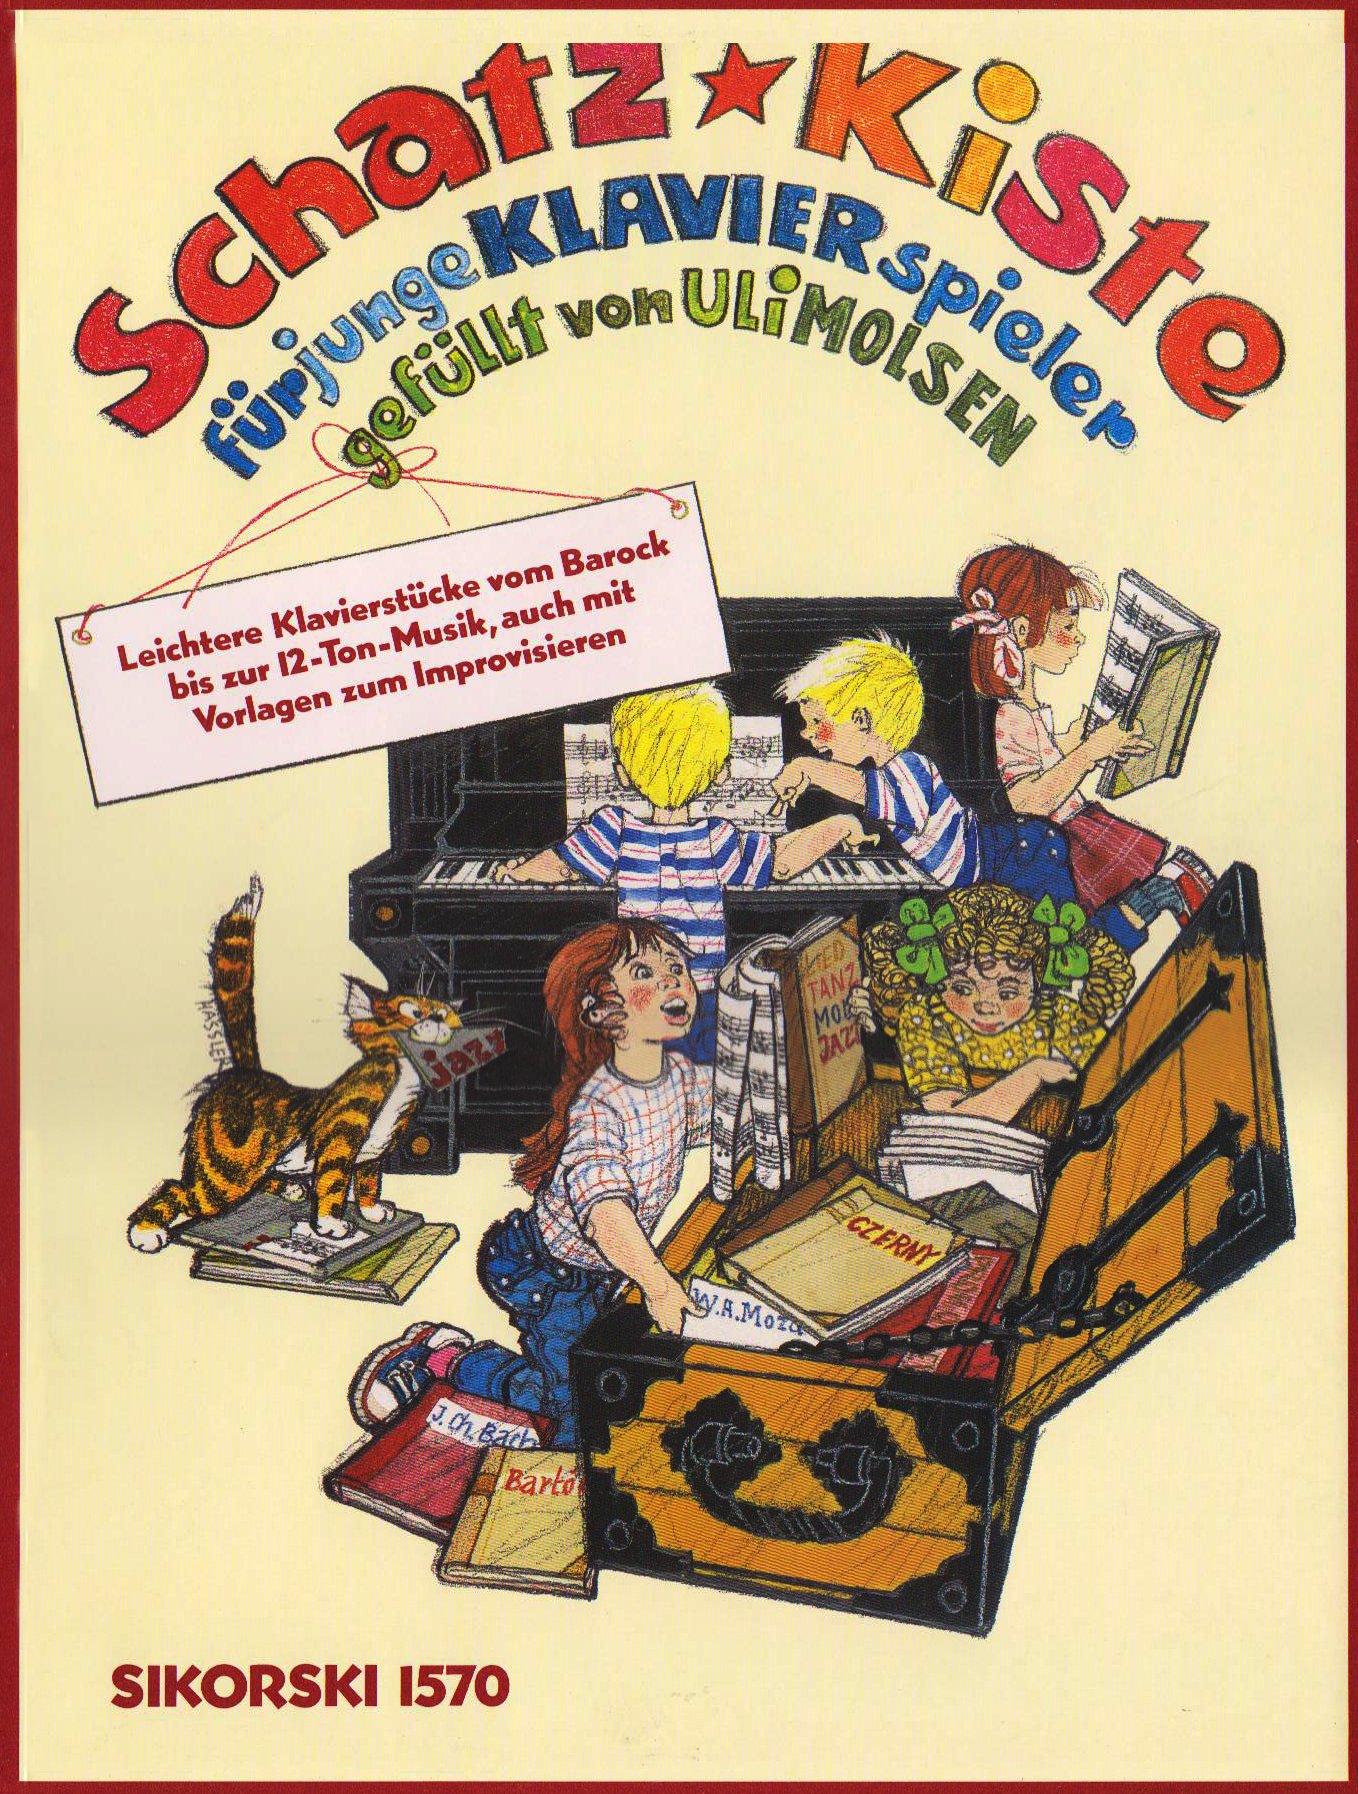 Schatzkiste für junge Klavierspieler